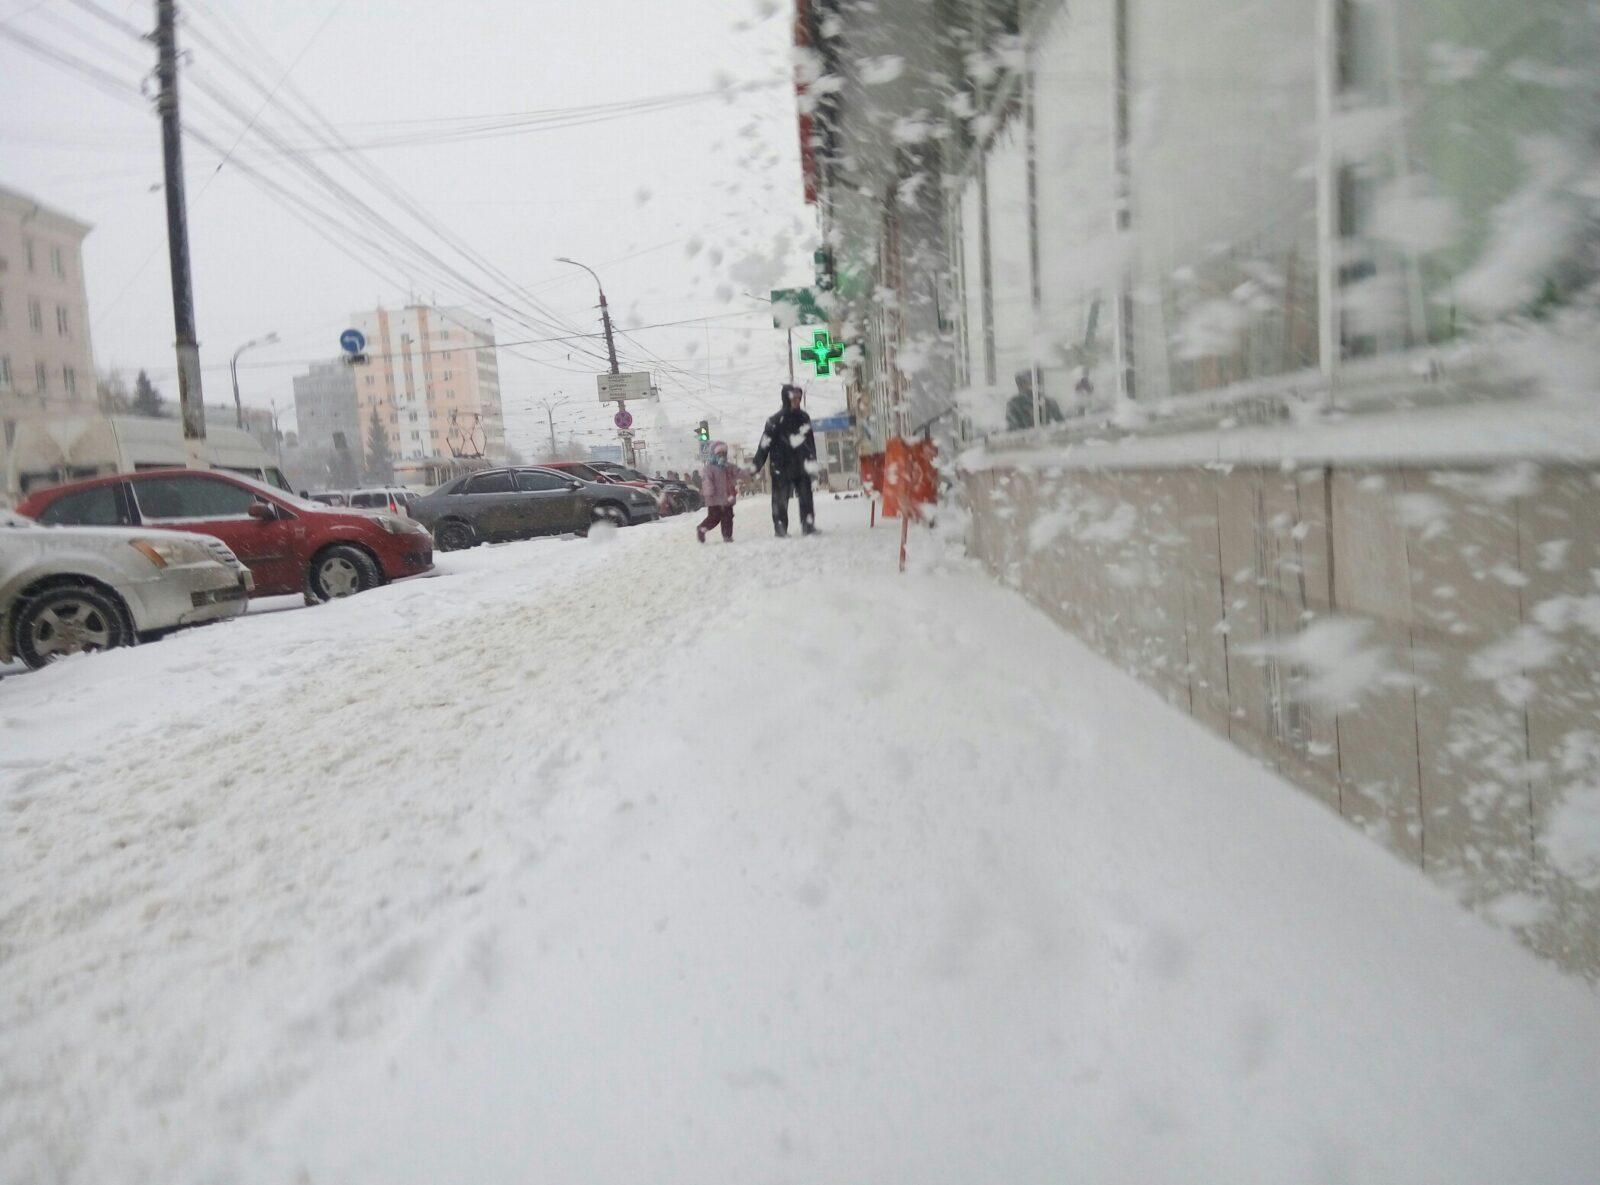 Обещанный синоптиками снегопад начался в Твери